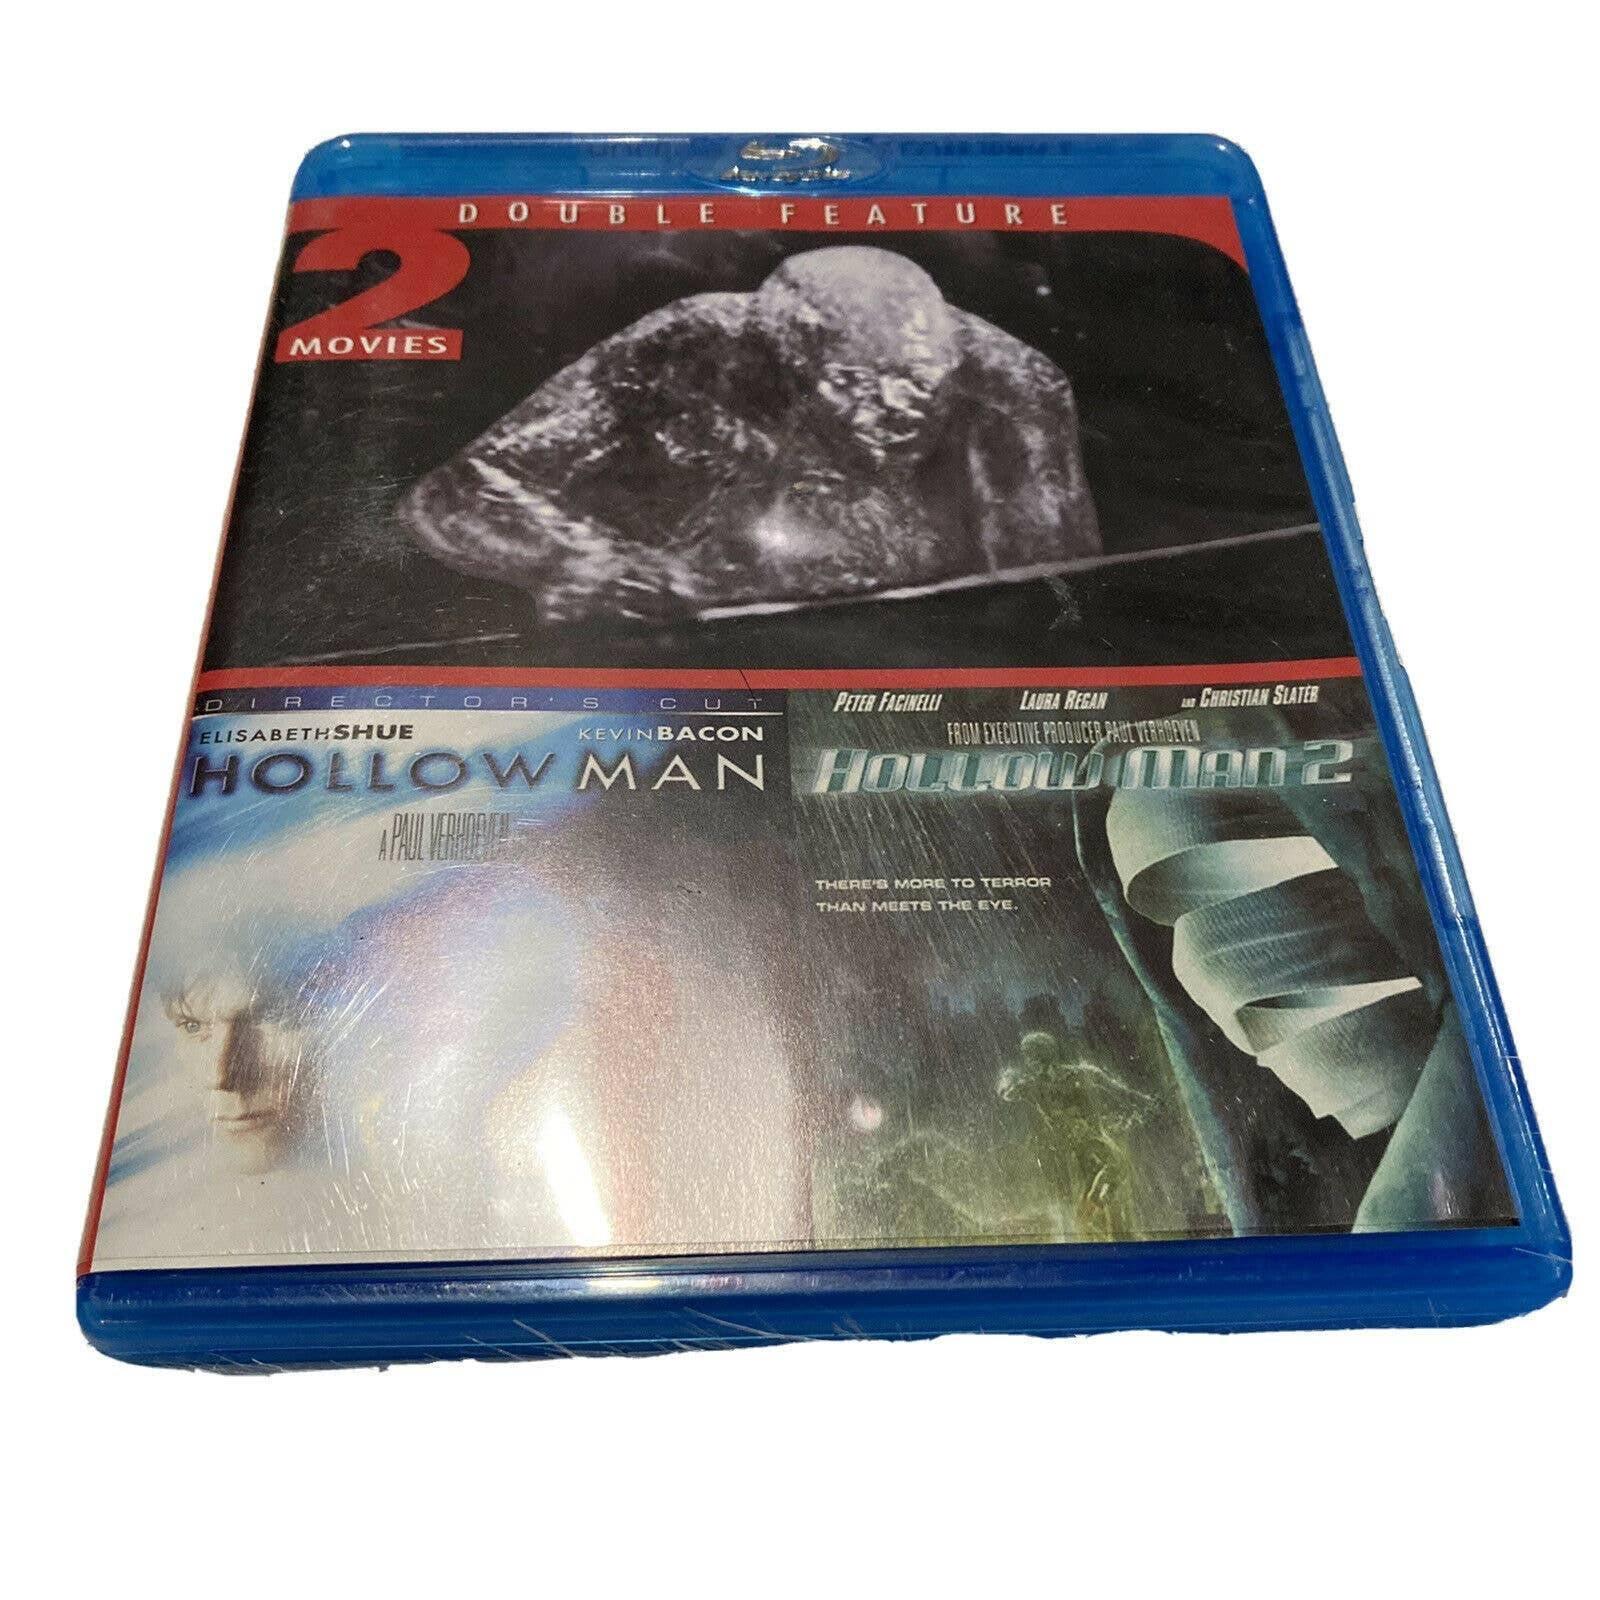 Hollow Man + Hollow Man 2 Blu-ray Disc